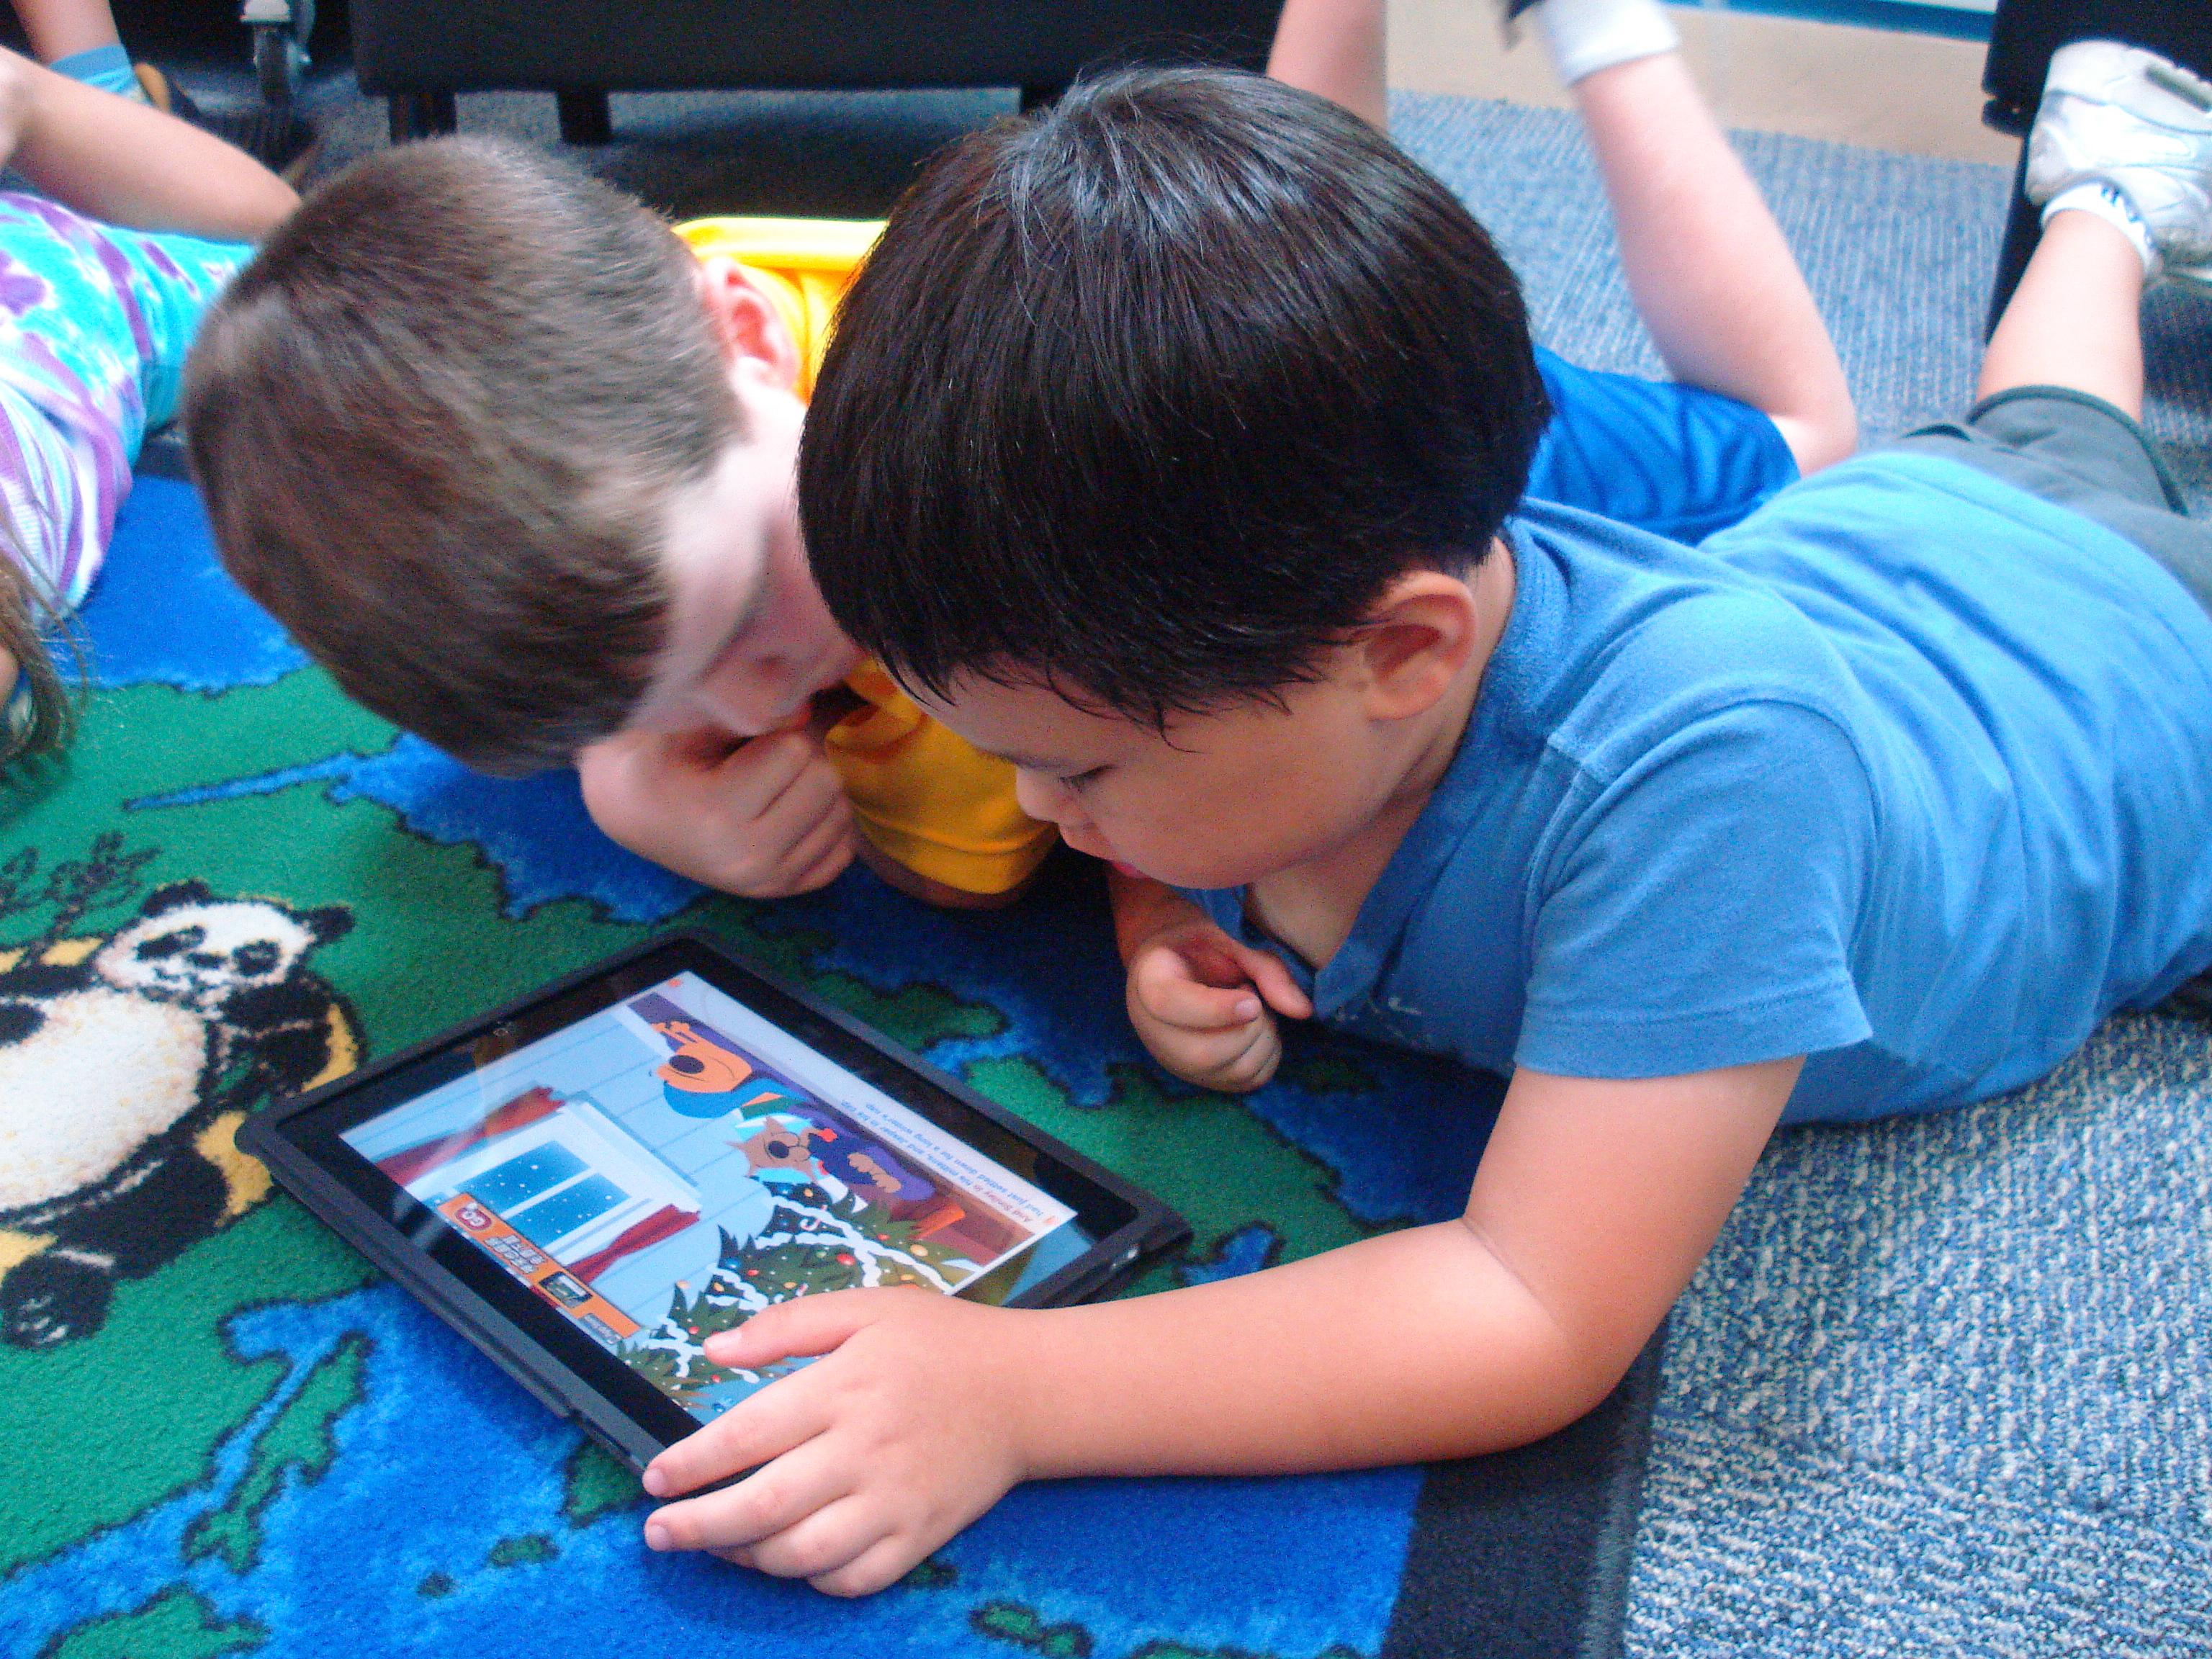 كيف ومتى تعزل ابنك عن التكنولوجيا؟